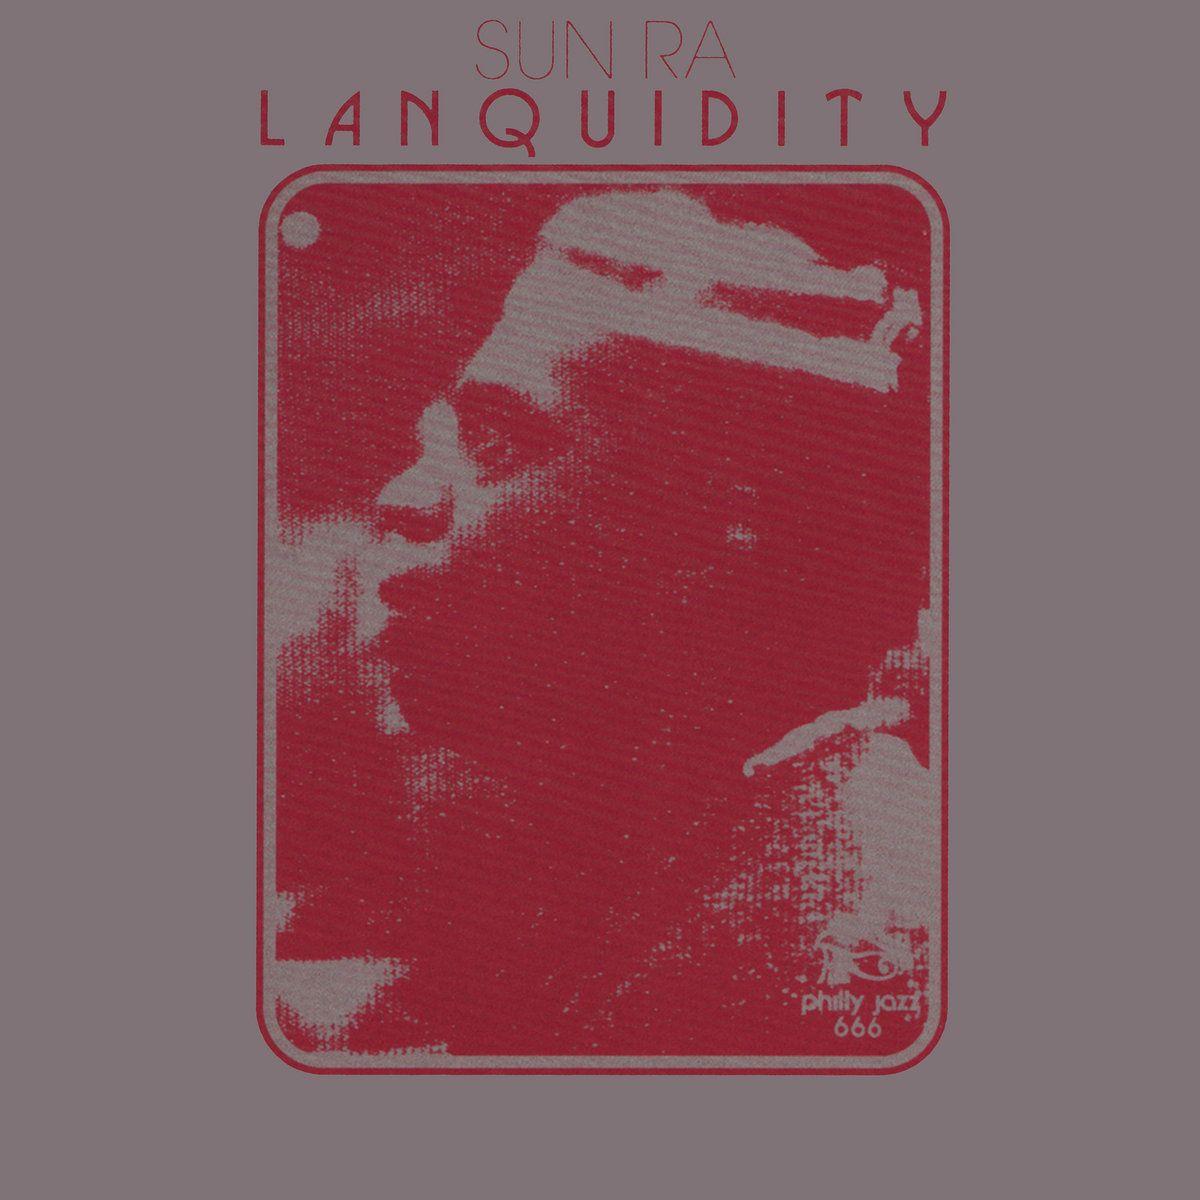 Sun Ra - Lanquidity - 4LP